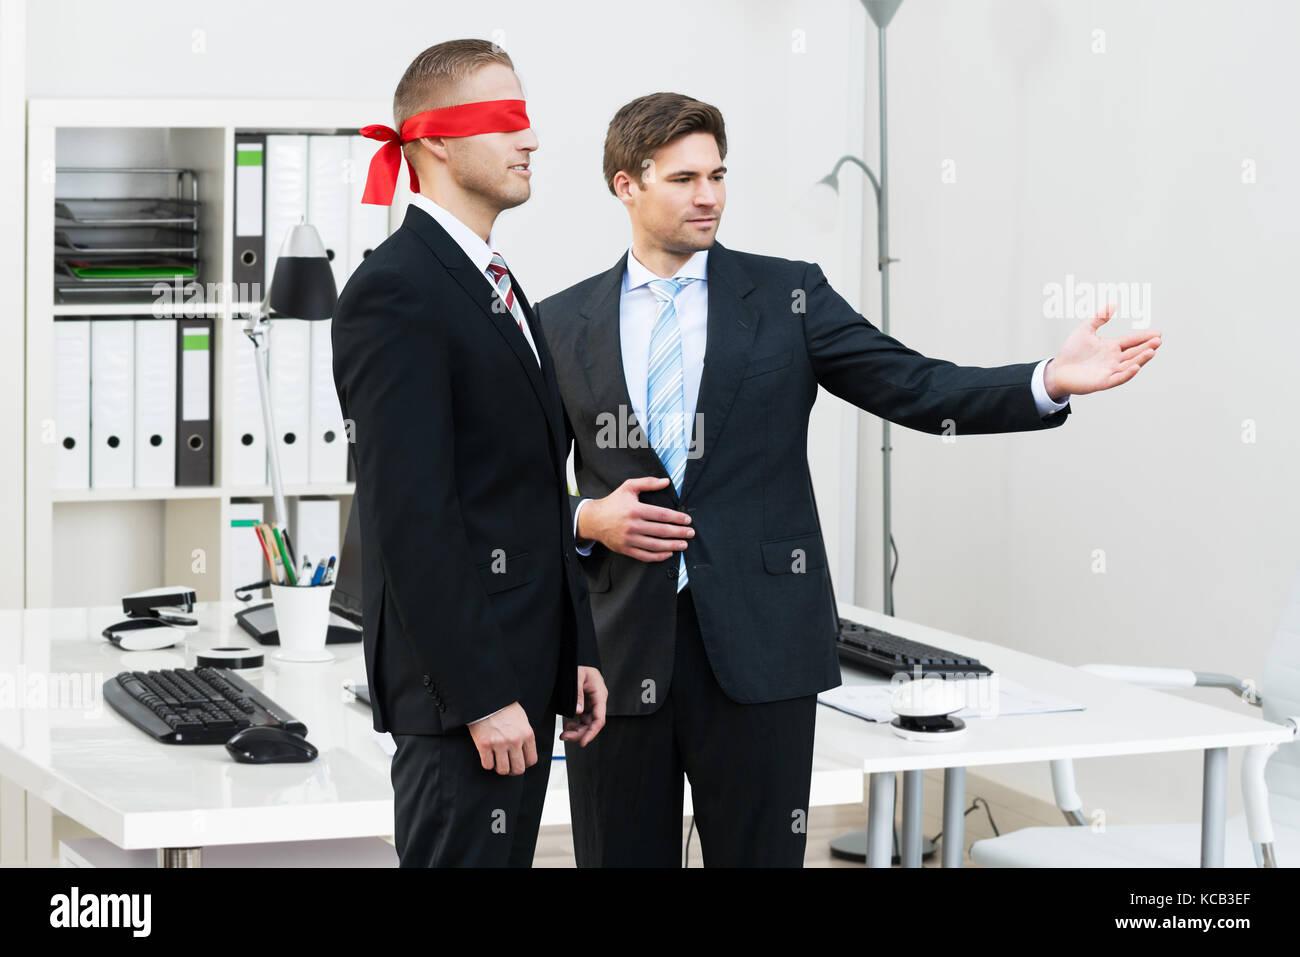 Fiducioso giovane impreditore assistere gli occhi bendati partner in ufficio Immagini Stock